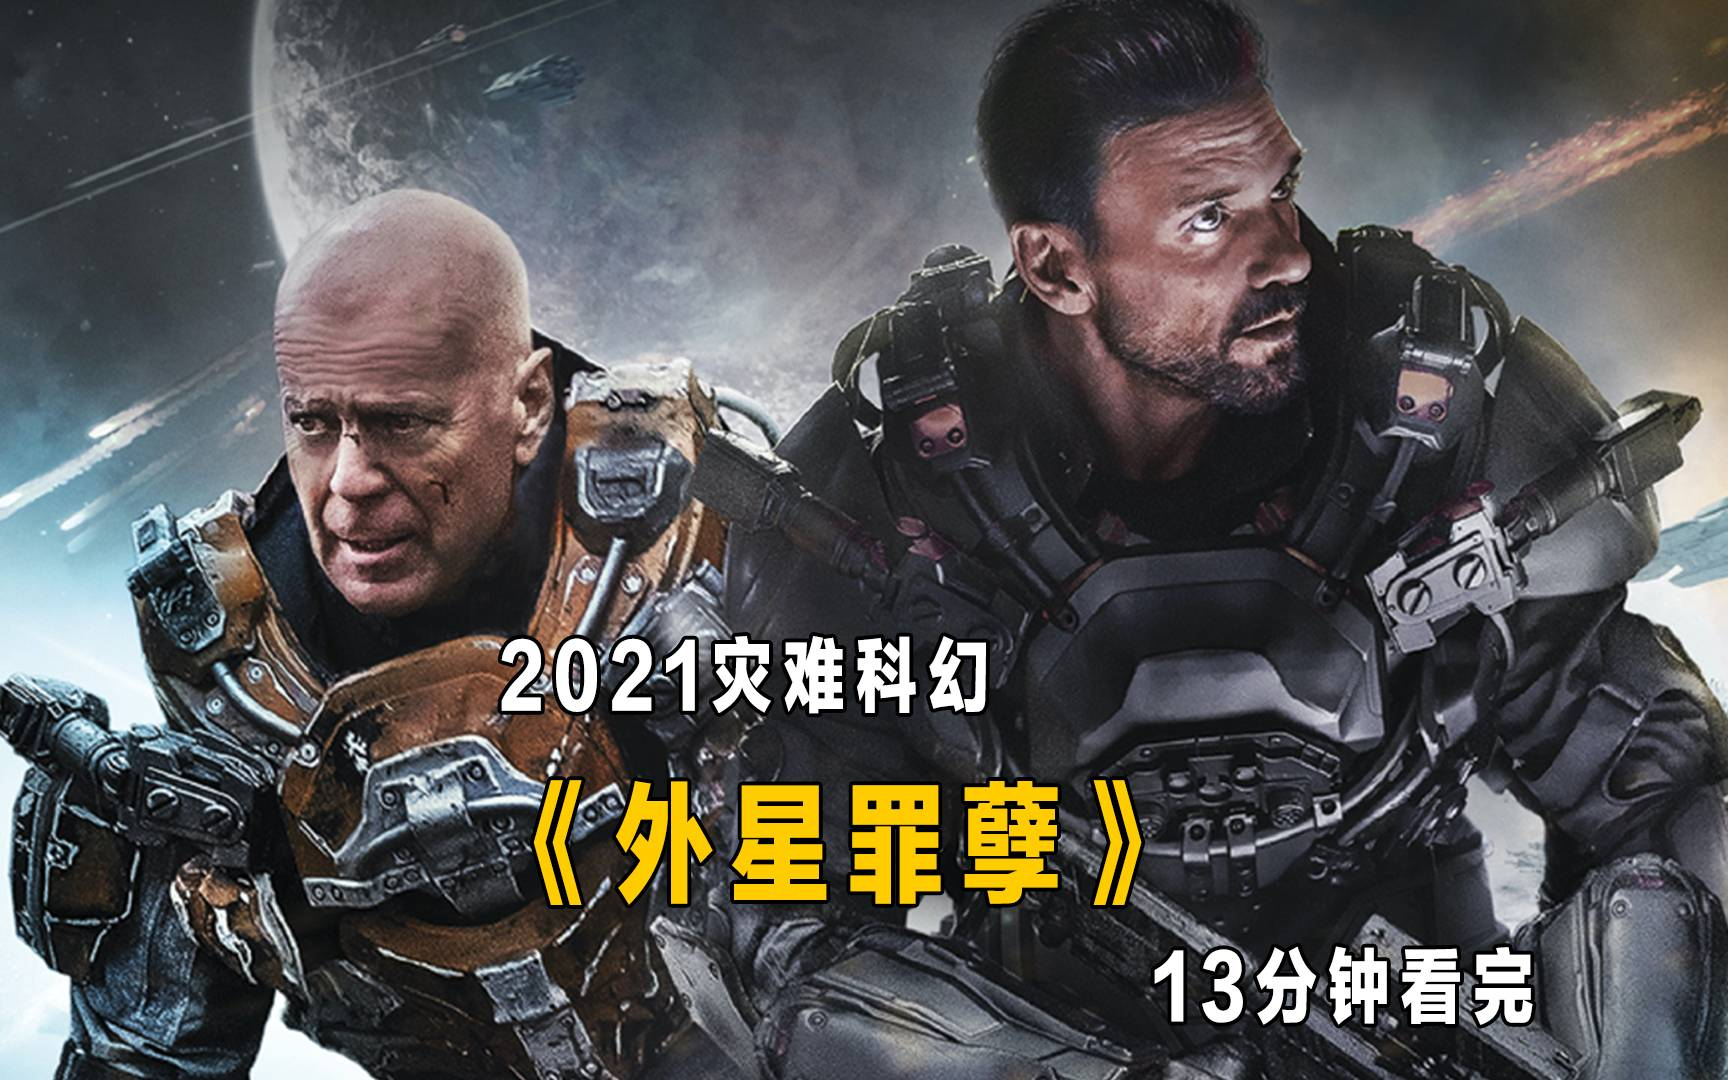 13分钟看完2021科幻新作《外星罪孽》,布鲁斯威利斯大战外星人!